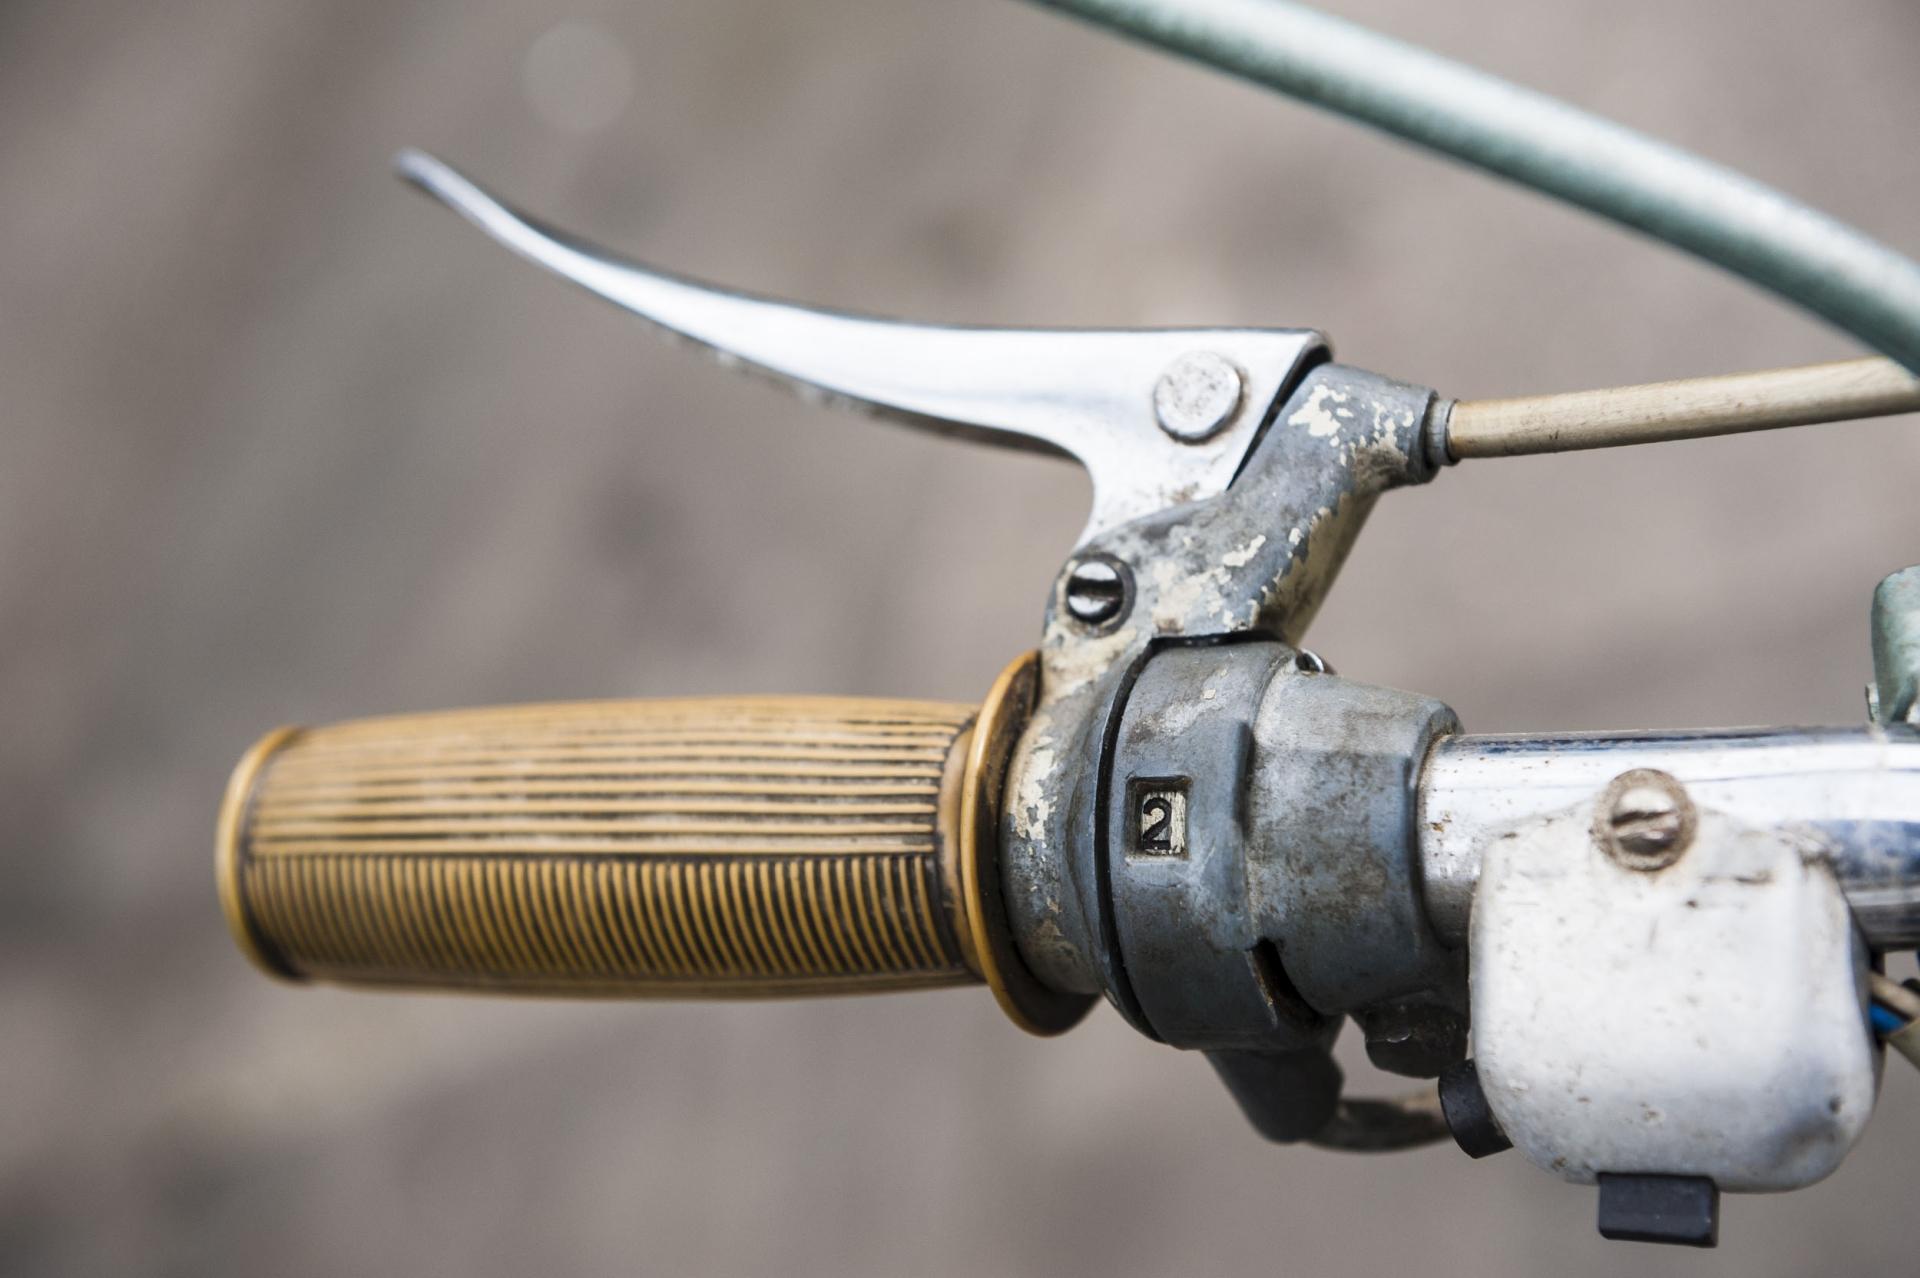 Komar 232 - dźwignia zmiany biegów